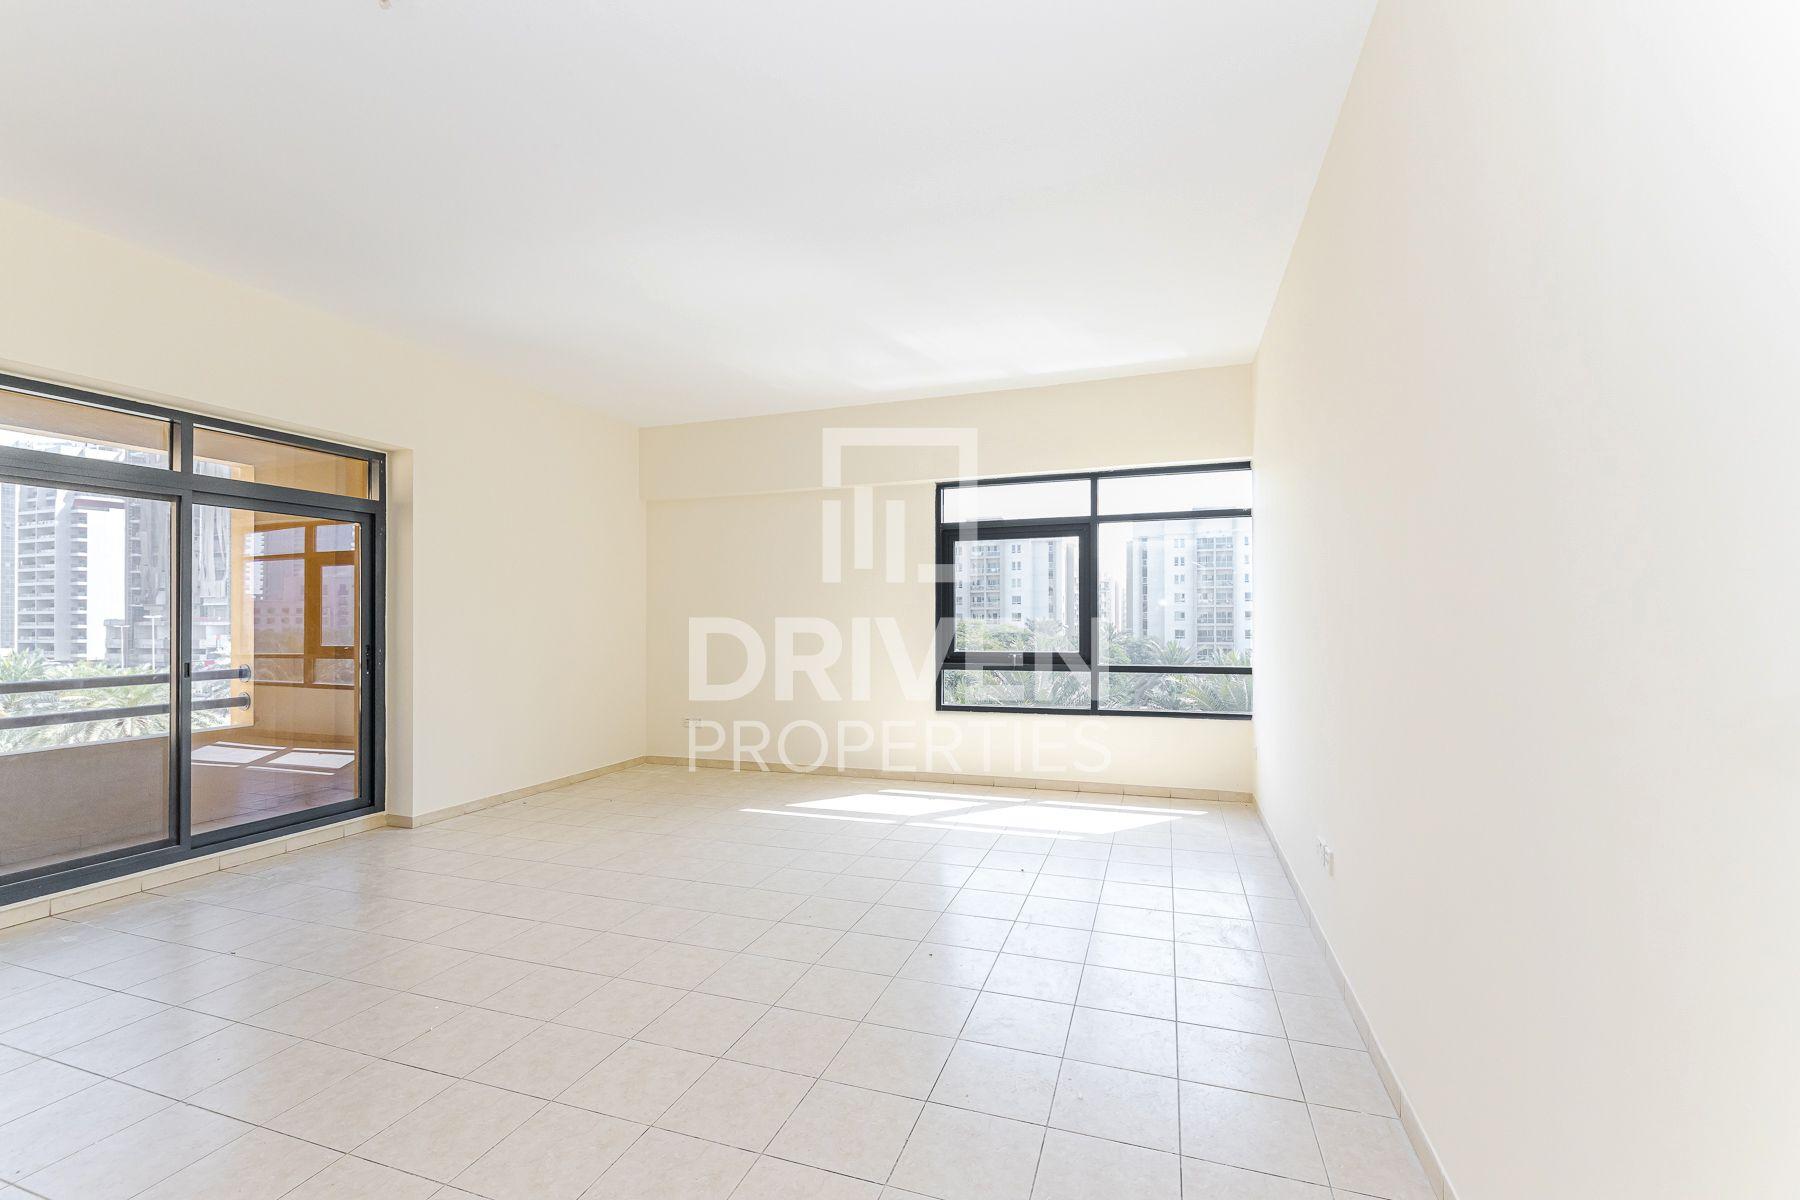 للبيع - شقة - الجاز 4 - جرينز